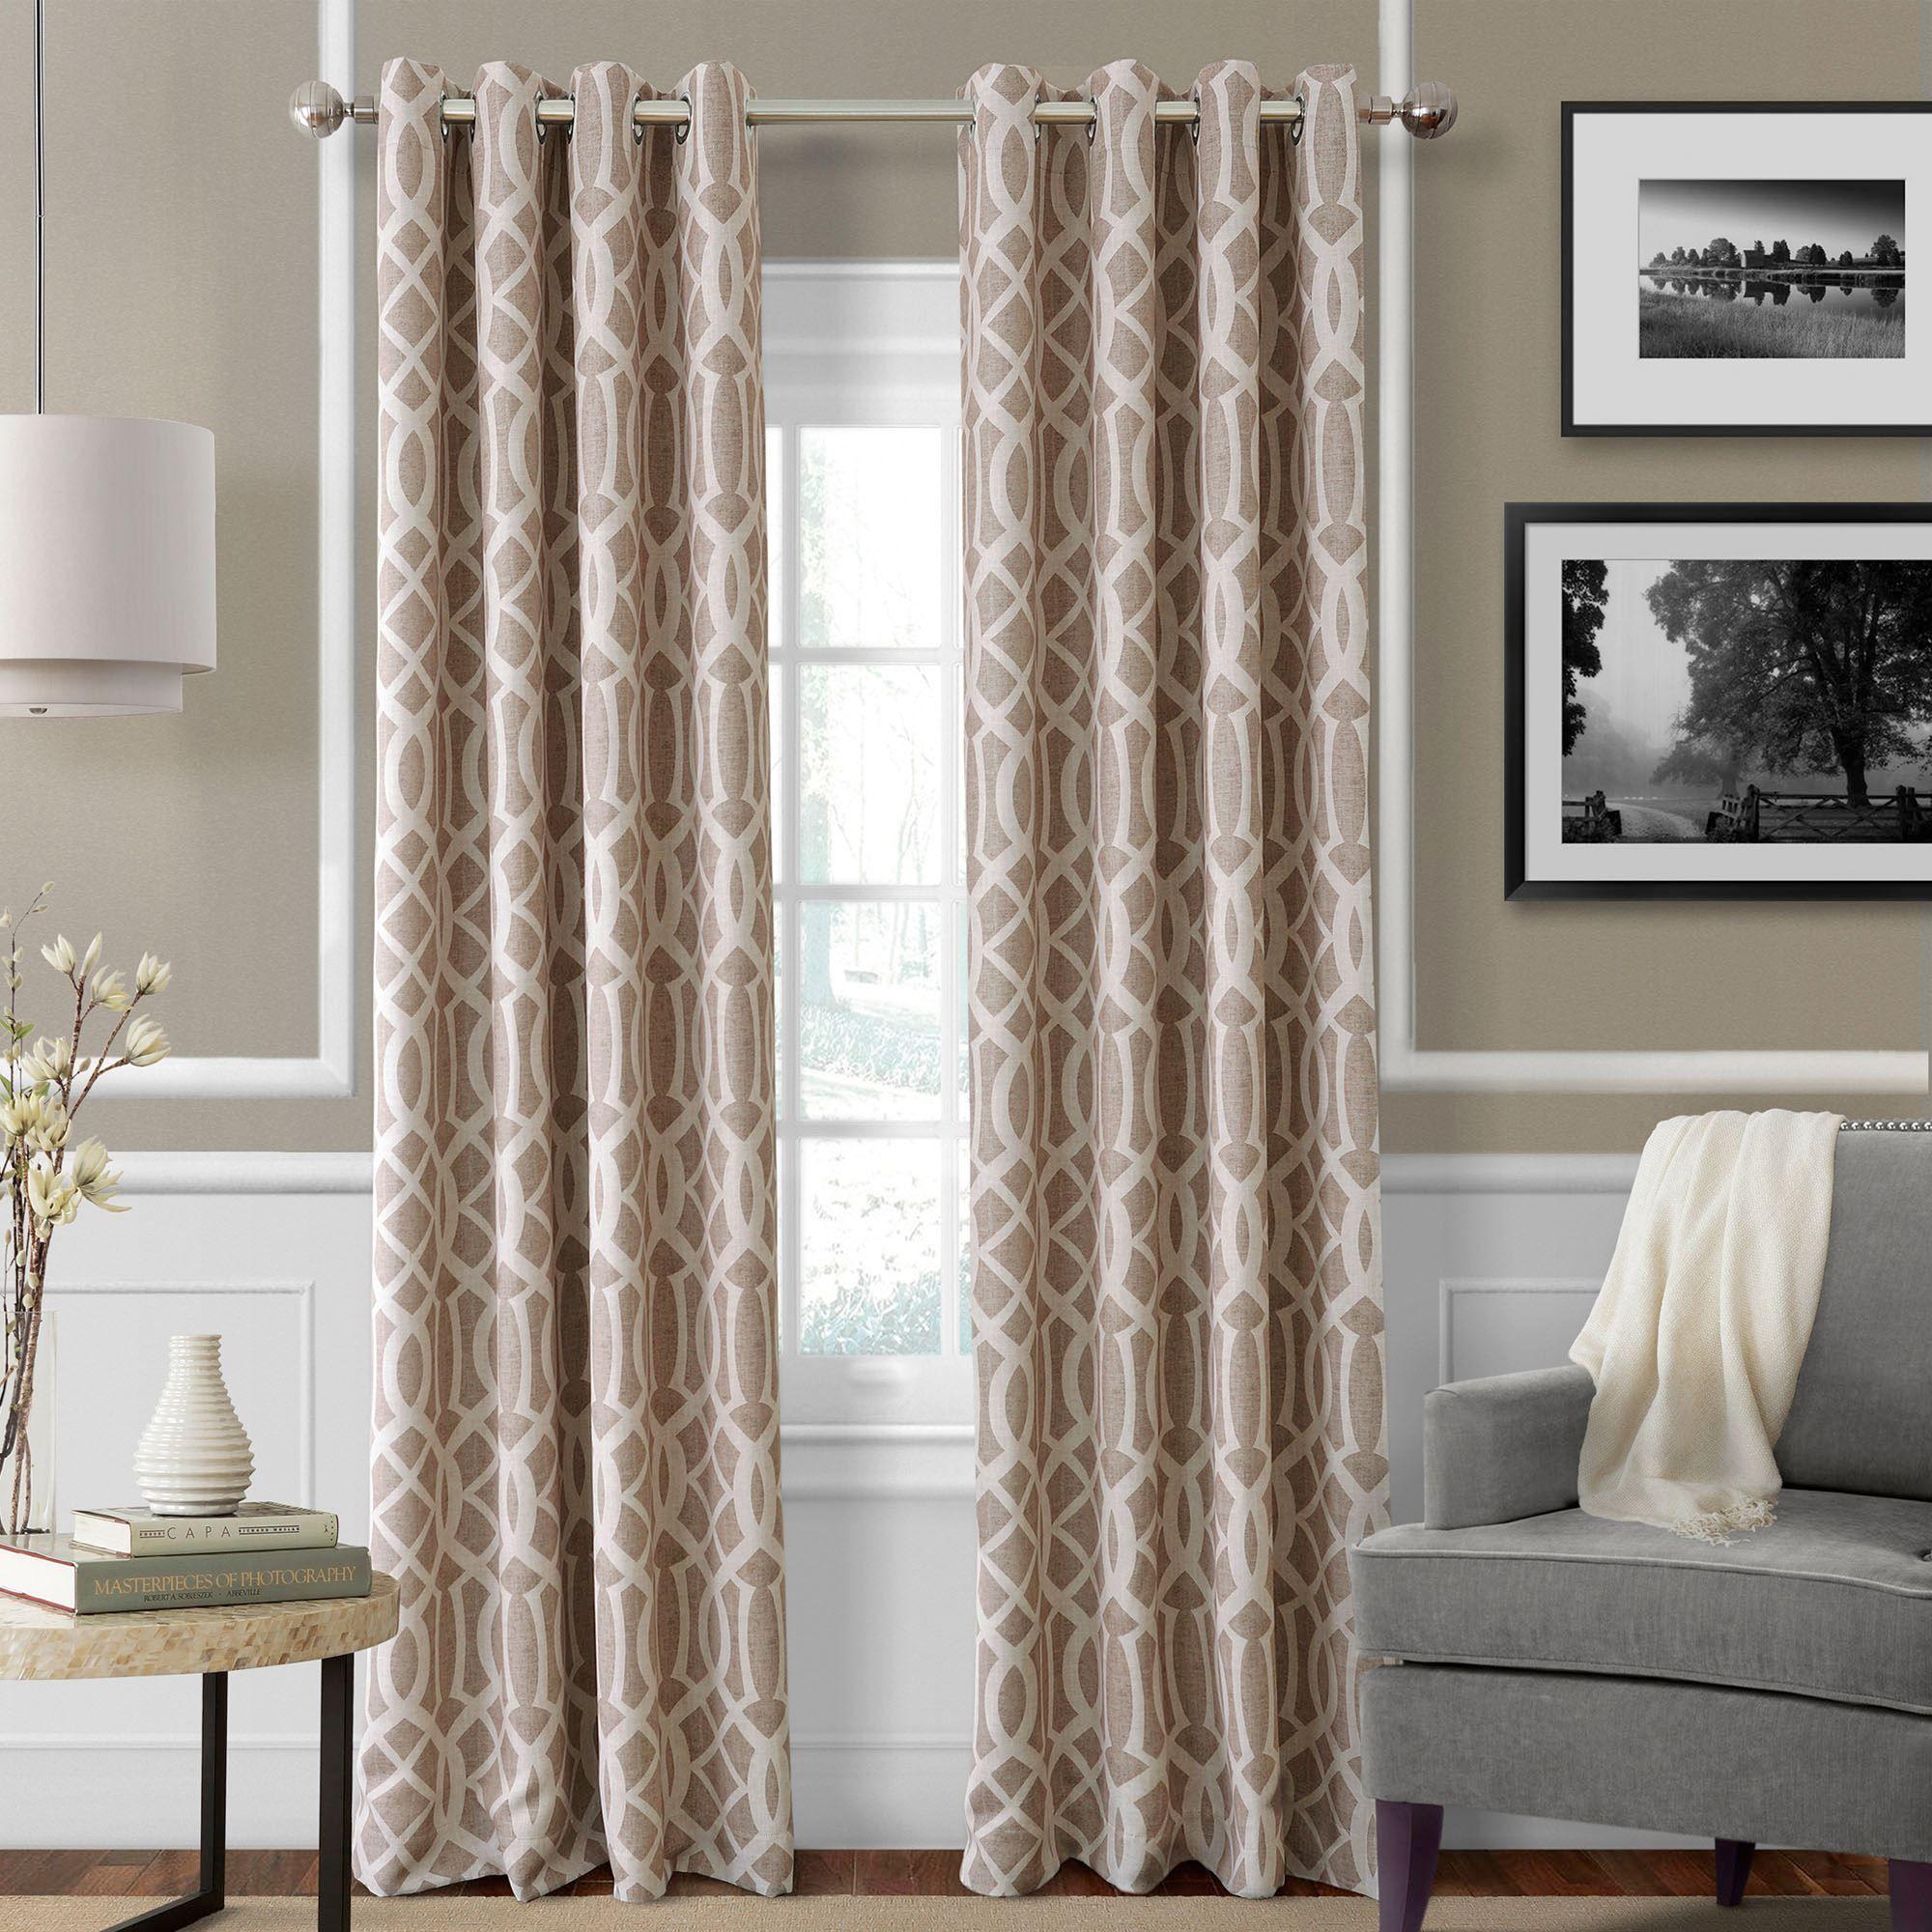 Harpar Room Darkening Grommet Curtain Panels